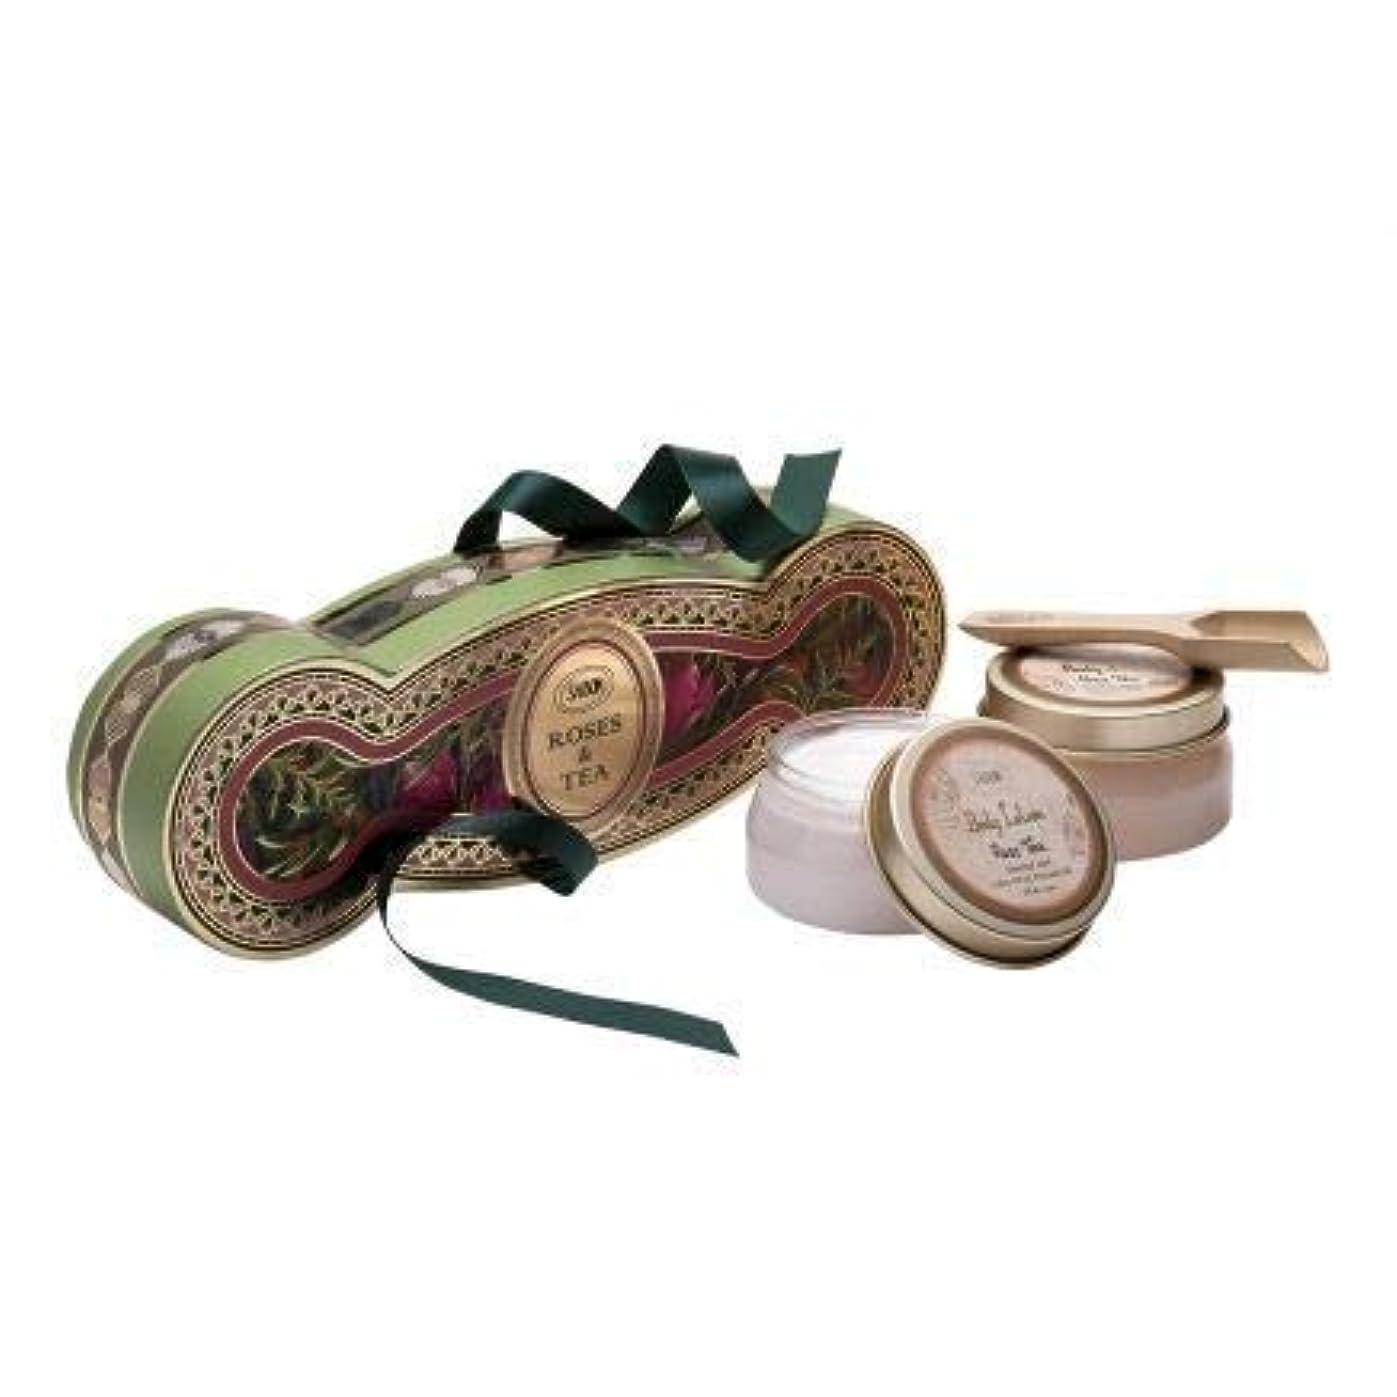 辛なつらい永久にサボン コフレ ギフト ローズティー キット ボディスクラブ ボディローション ホワイトデー SABON Rose Tea kit コレクション